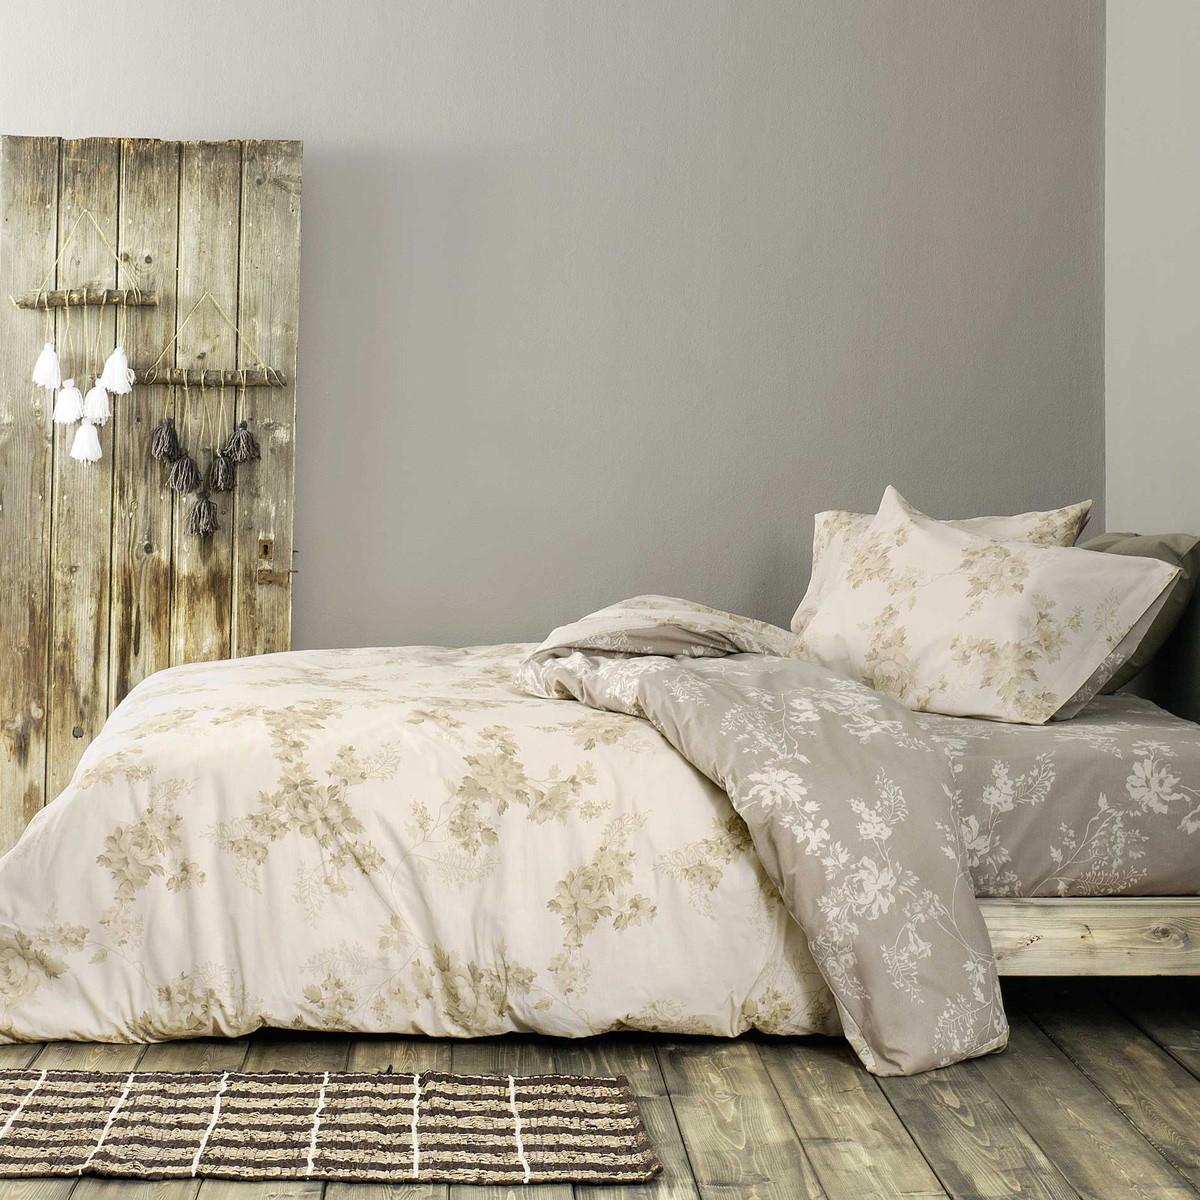 Παπλωματοθήκη Υπέρδιπλη (Σετ) Nima Bed Linen Carmelita Beige